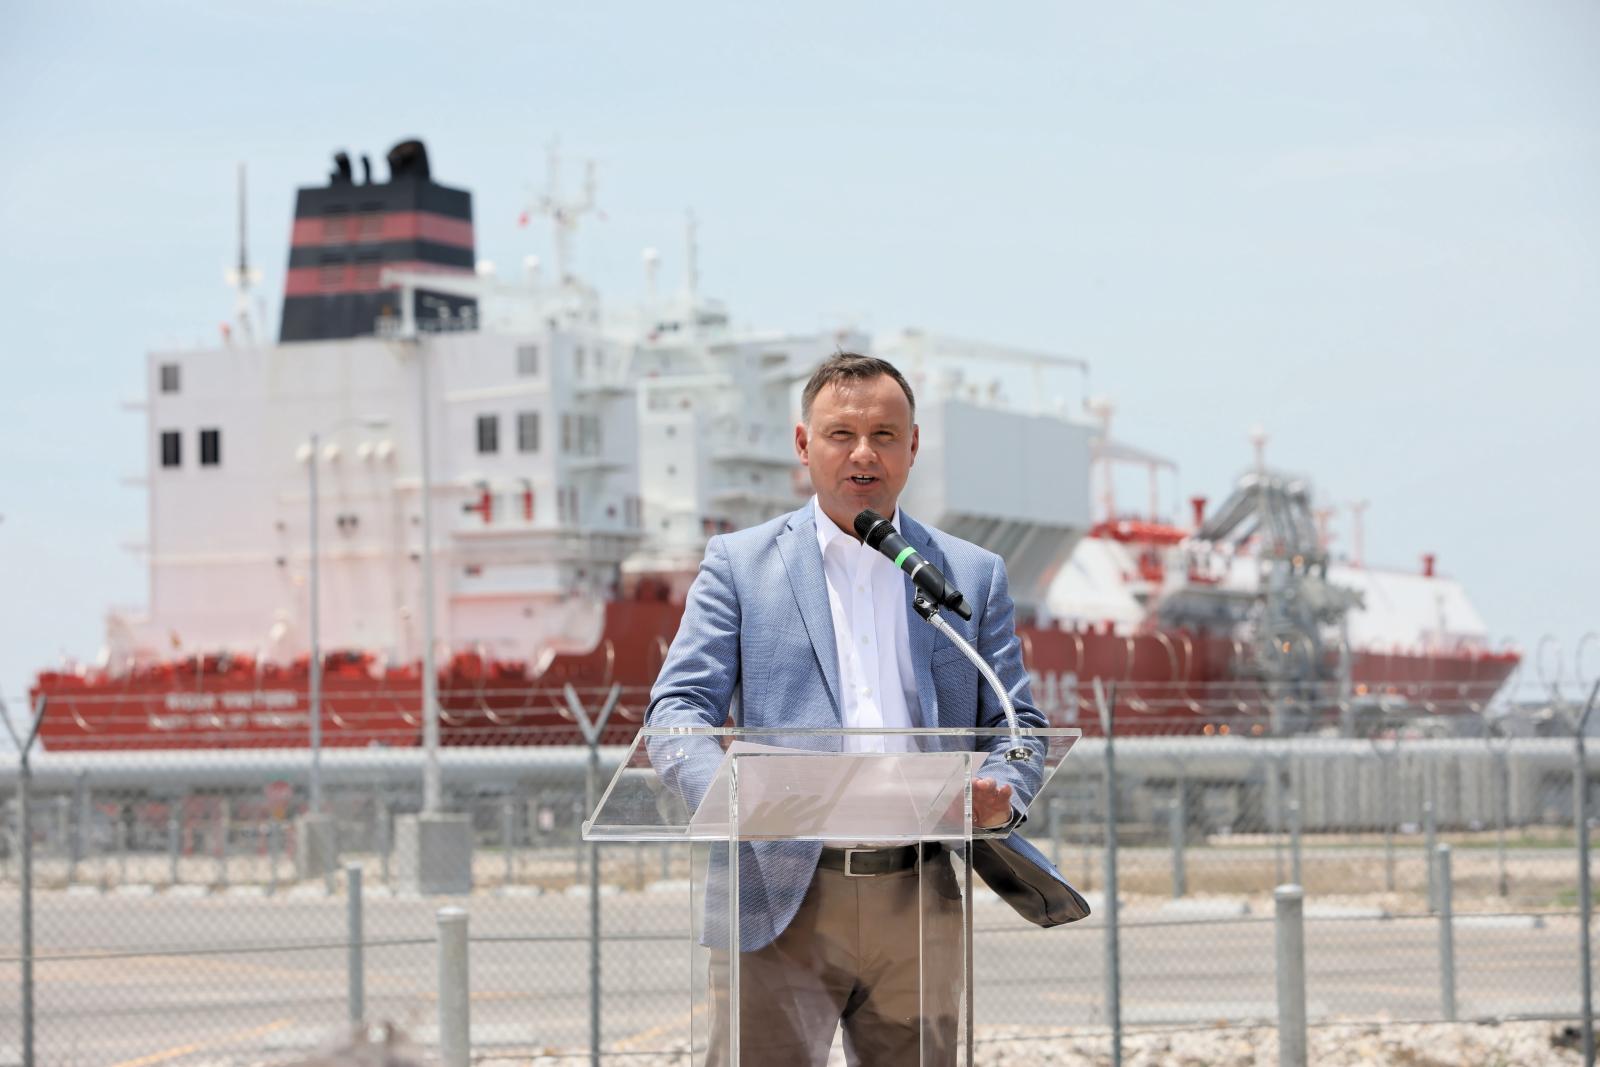 Prezydent RP Andrzej Duda podczas spotkania w gazoporcie Sabine Pass, należącym do firmy Cheniere. Fot. PAP/Leszek Szymański